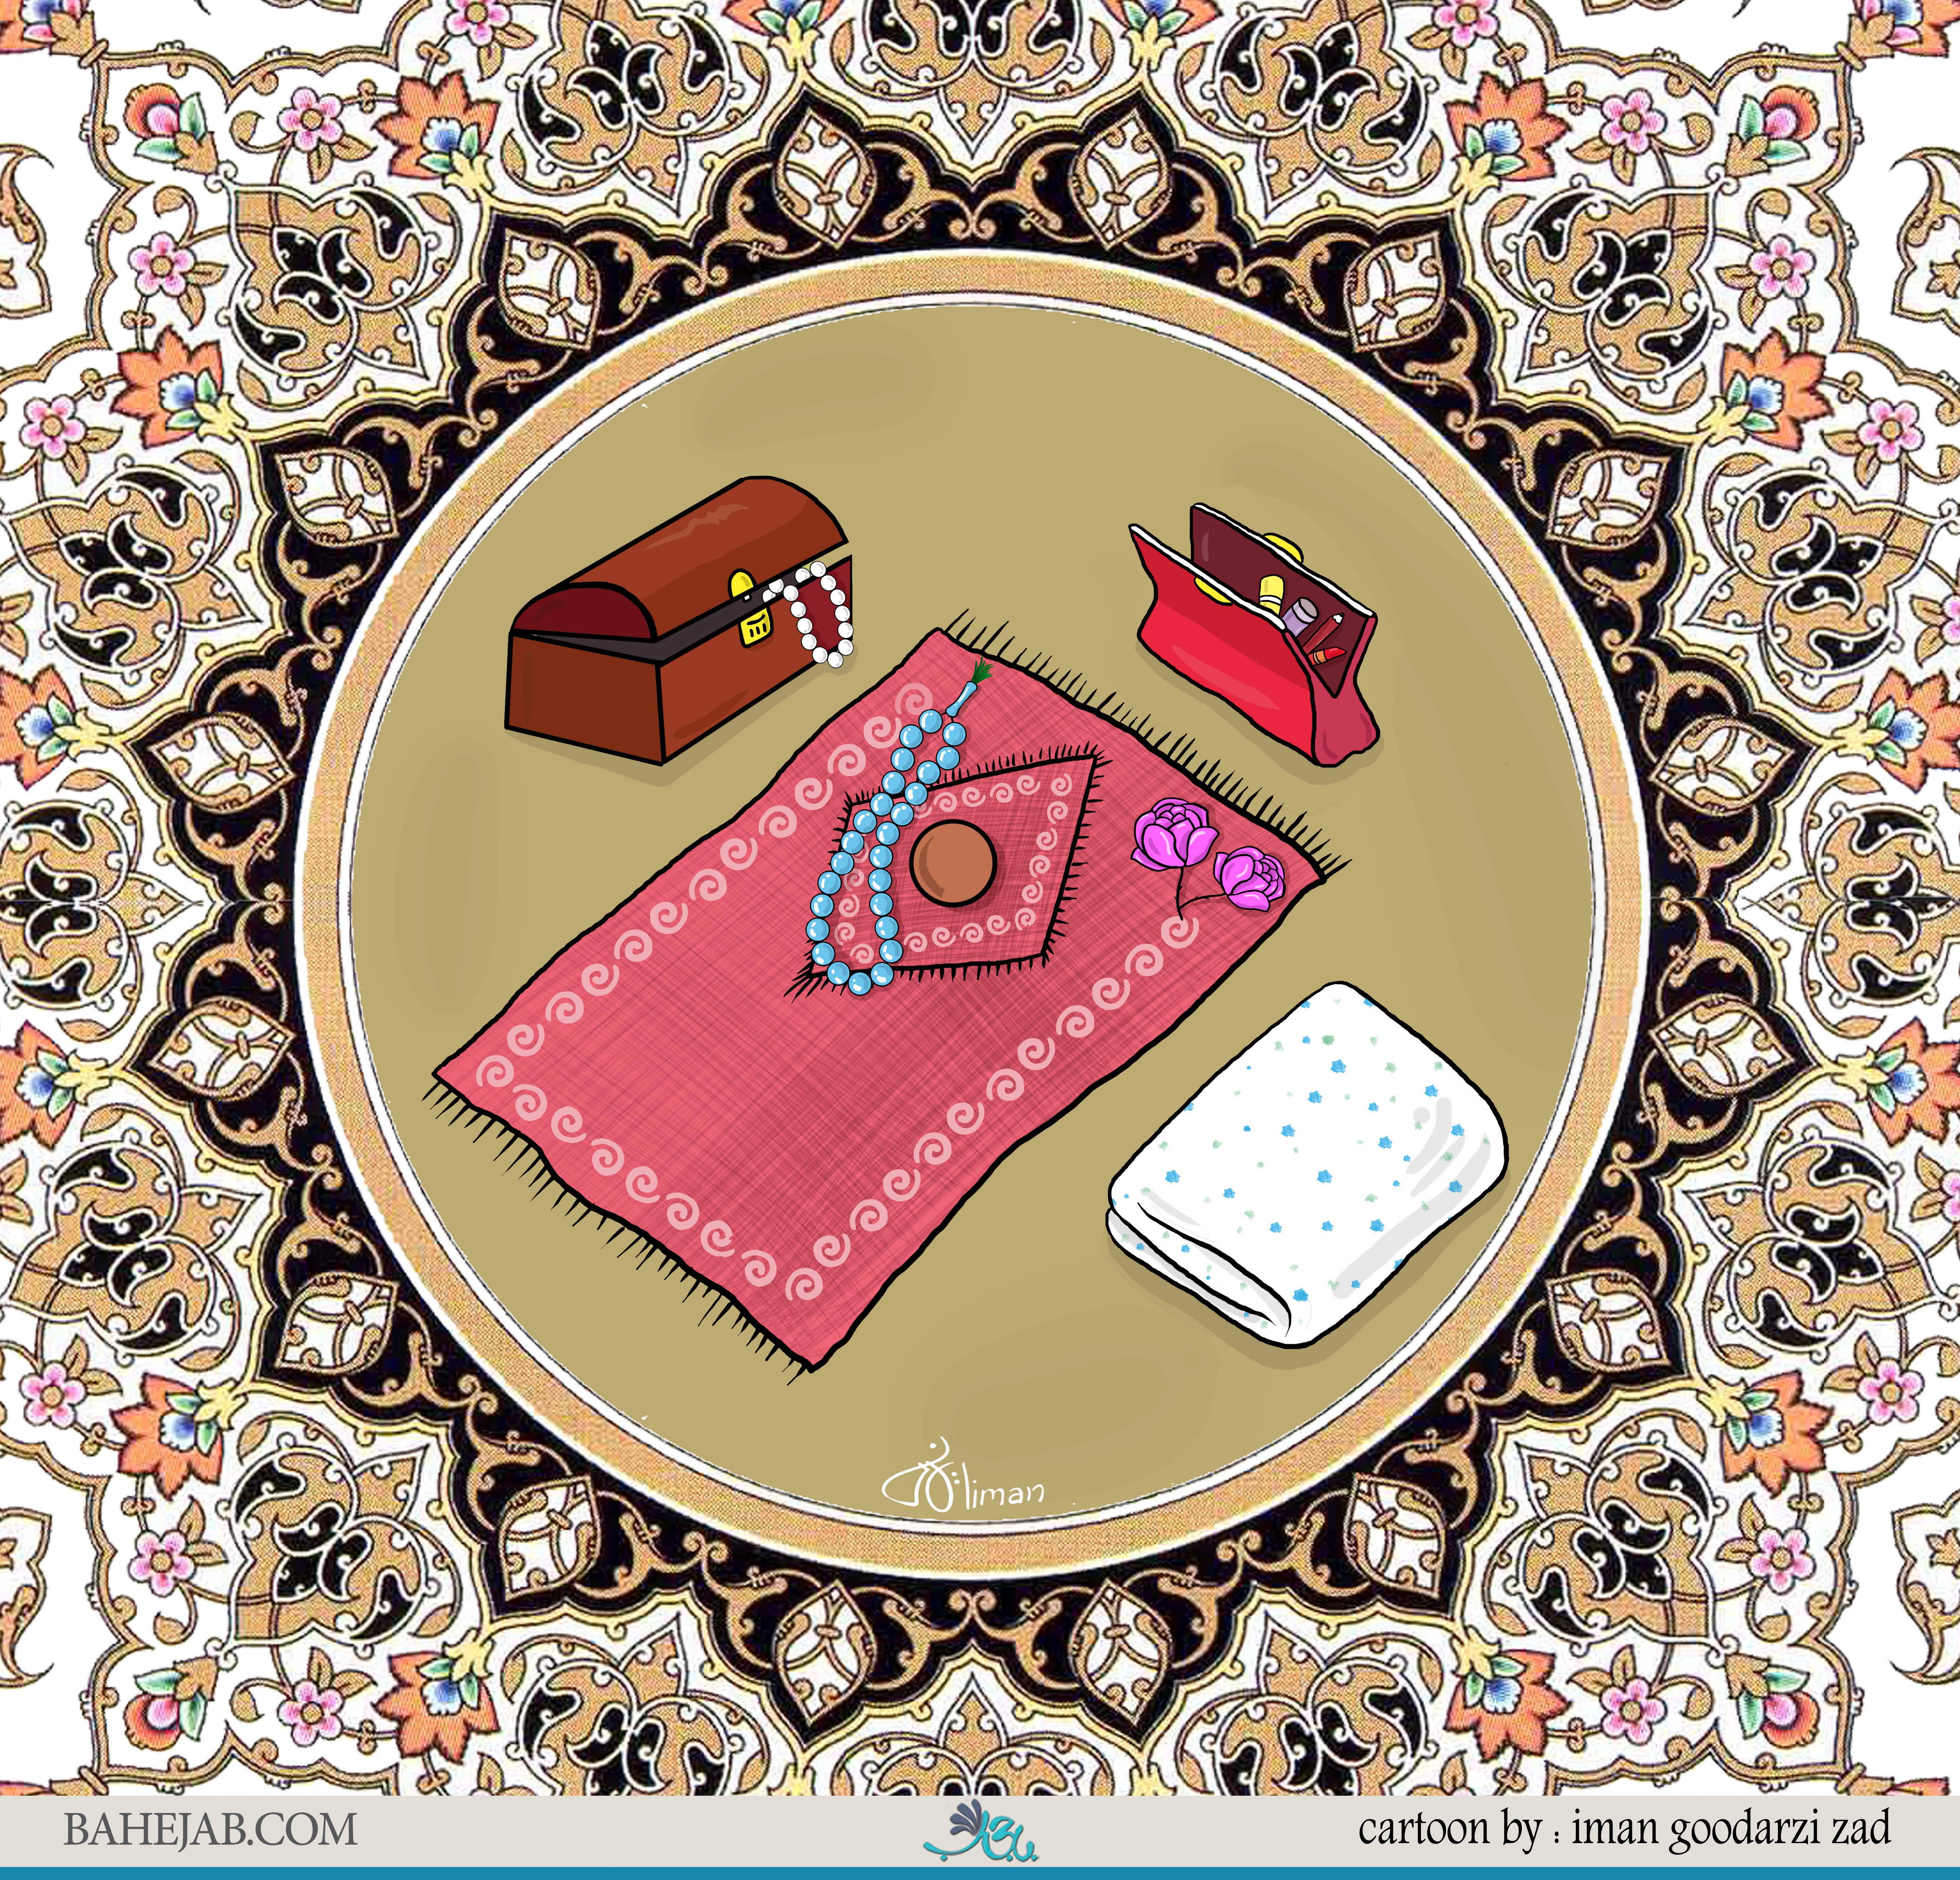 1-(www.nooriazbehesht.ir).jpg (5766×5530)